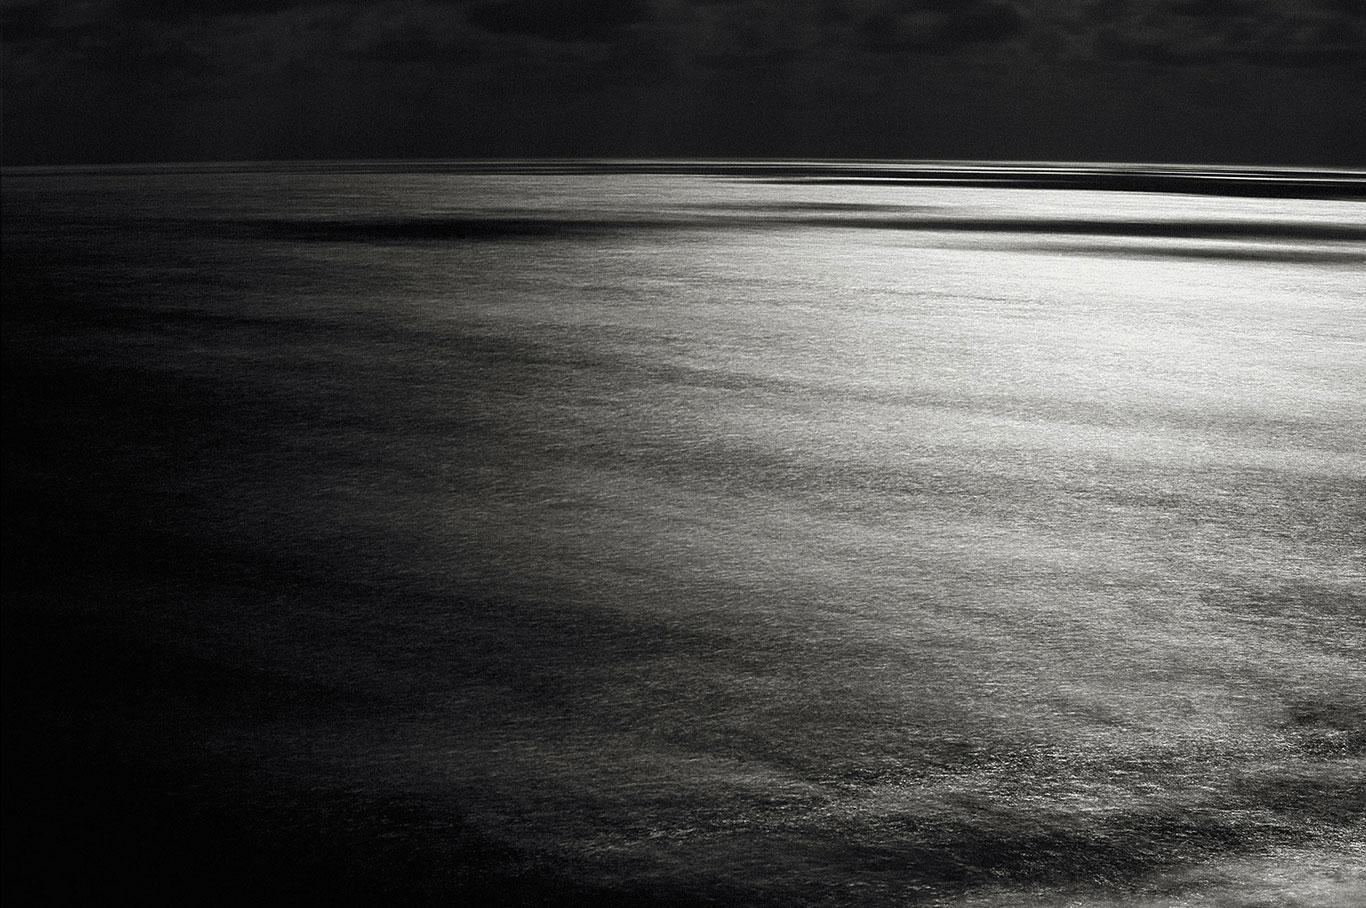 Nocturne-#6348-·-2014-·-unique-C-print-·-105-x-145-cm